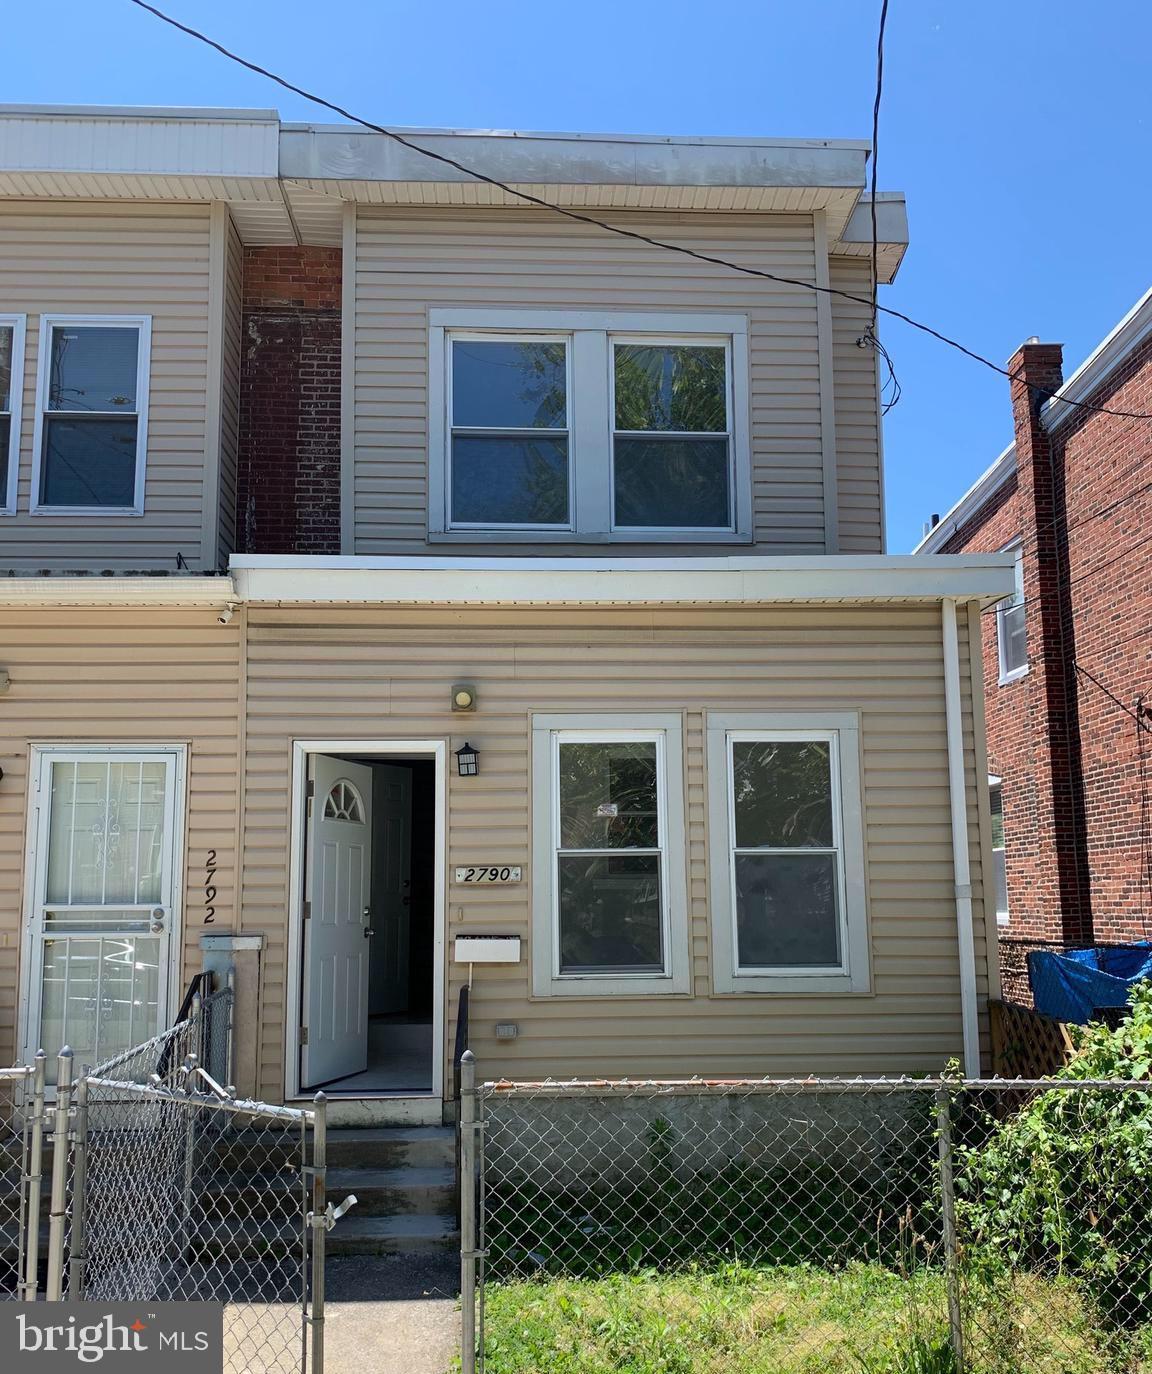 2790 STEVENS STREET, CAMDEN, NJ 08105